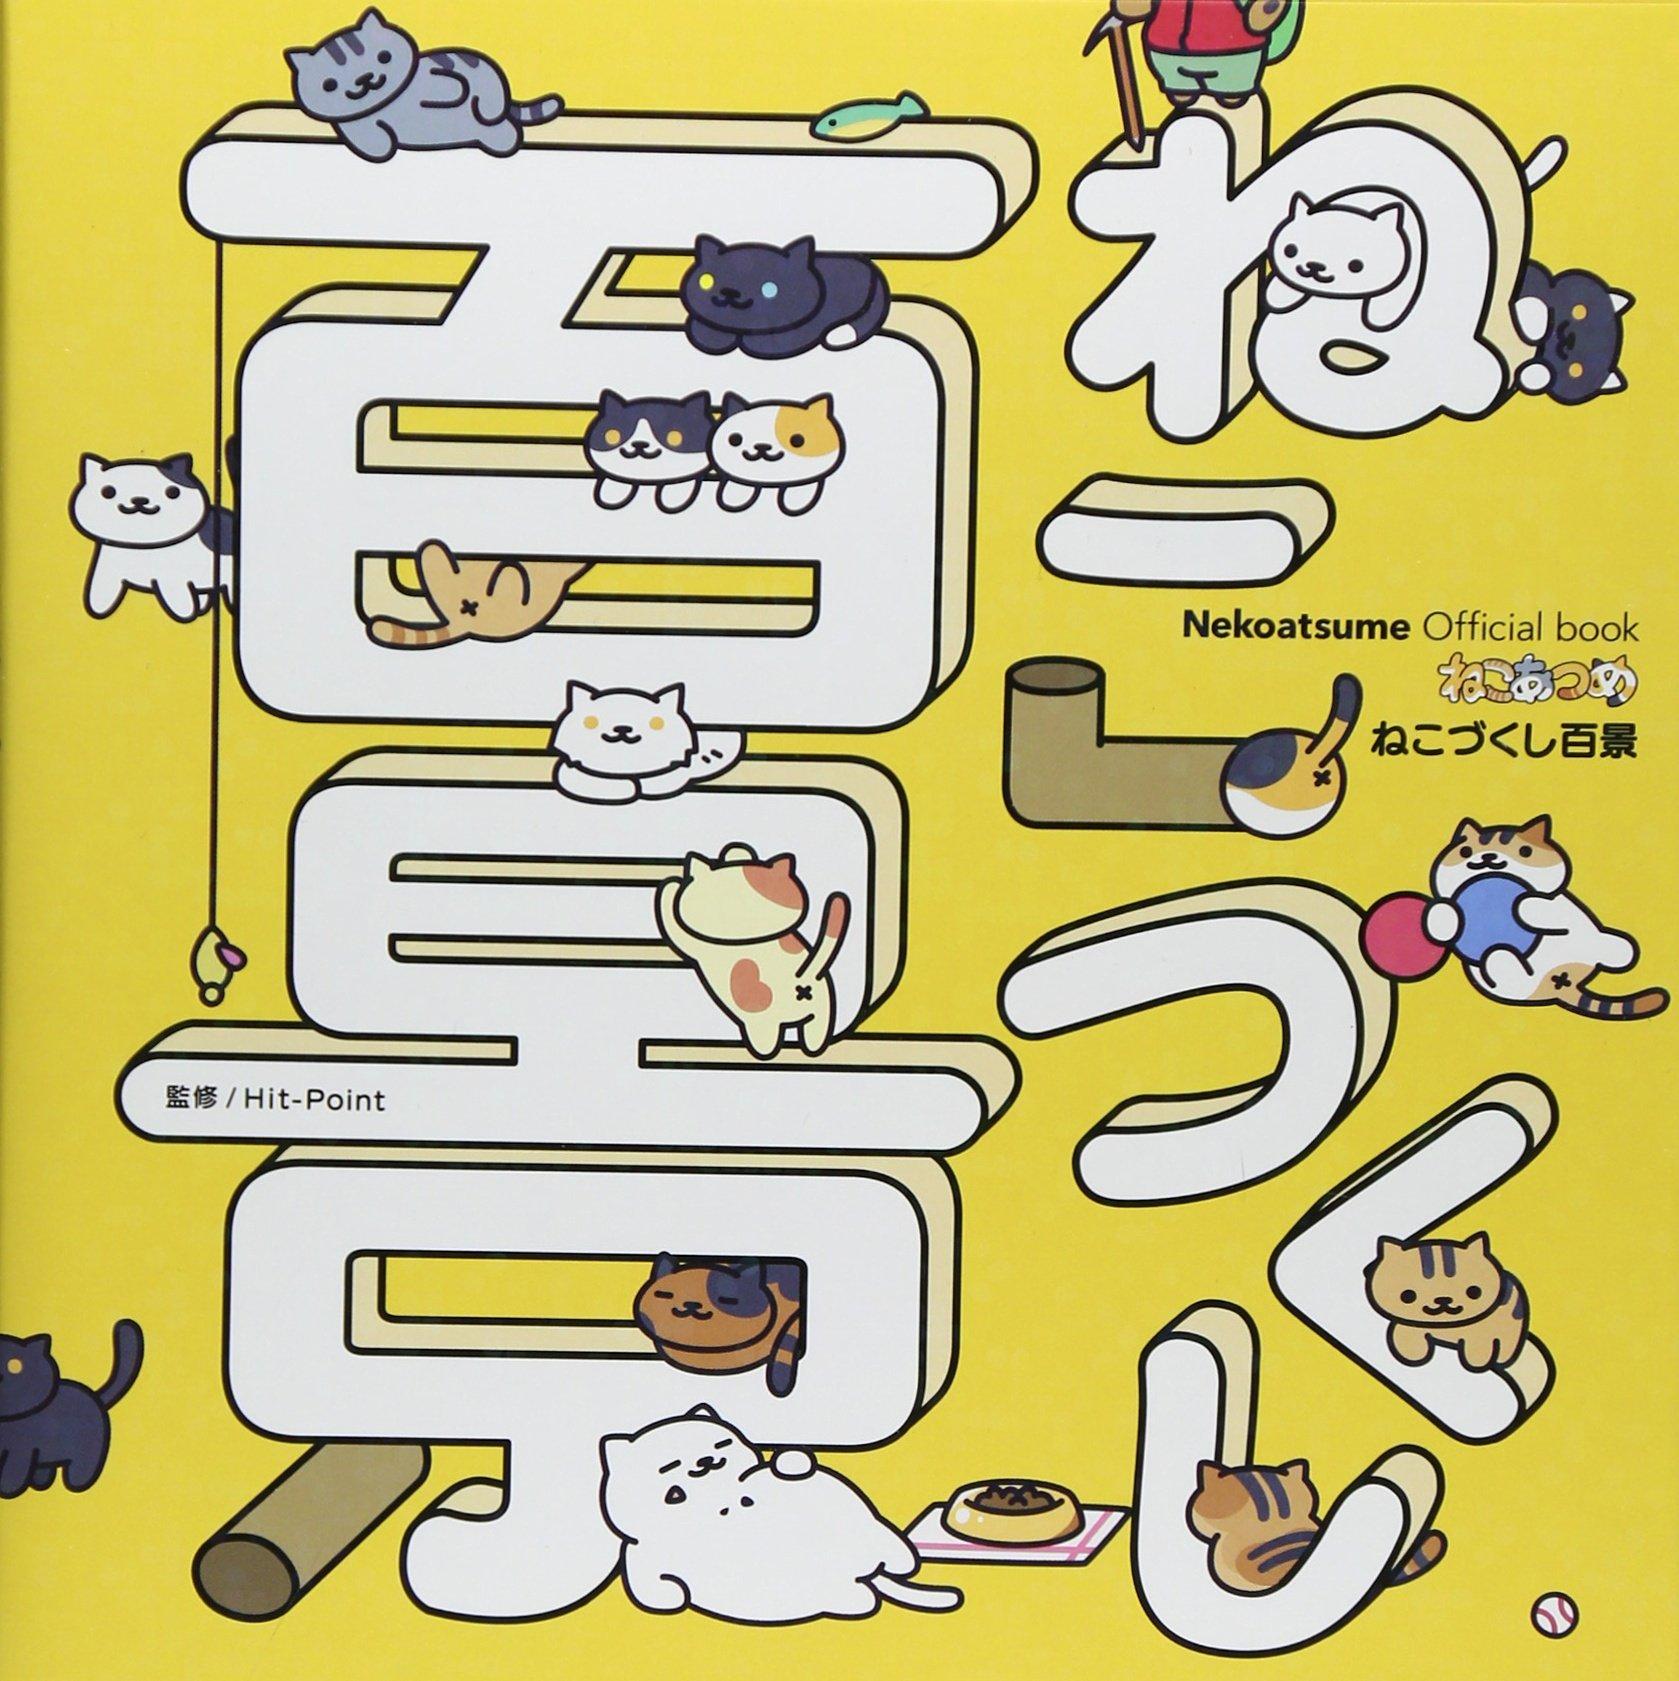 Nekoatsume Official Book ねこあつめ ねこづくし百景 Hit Point 本